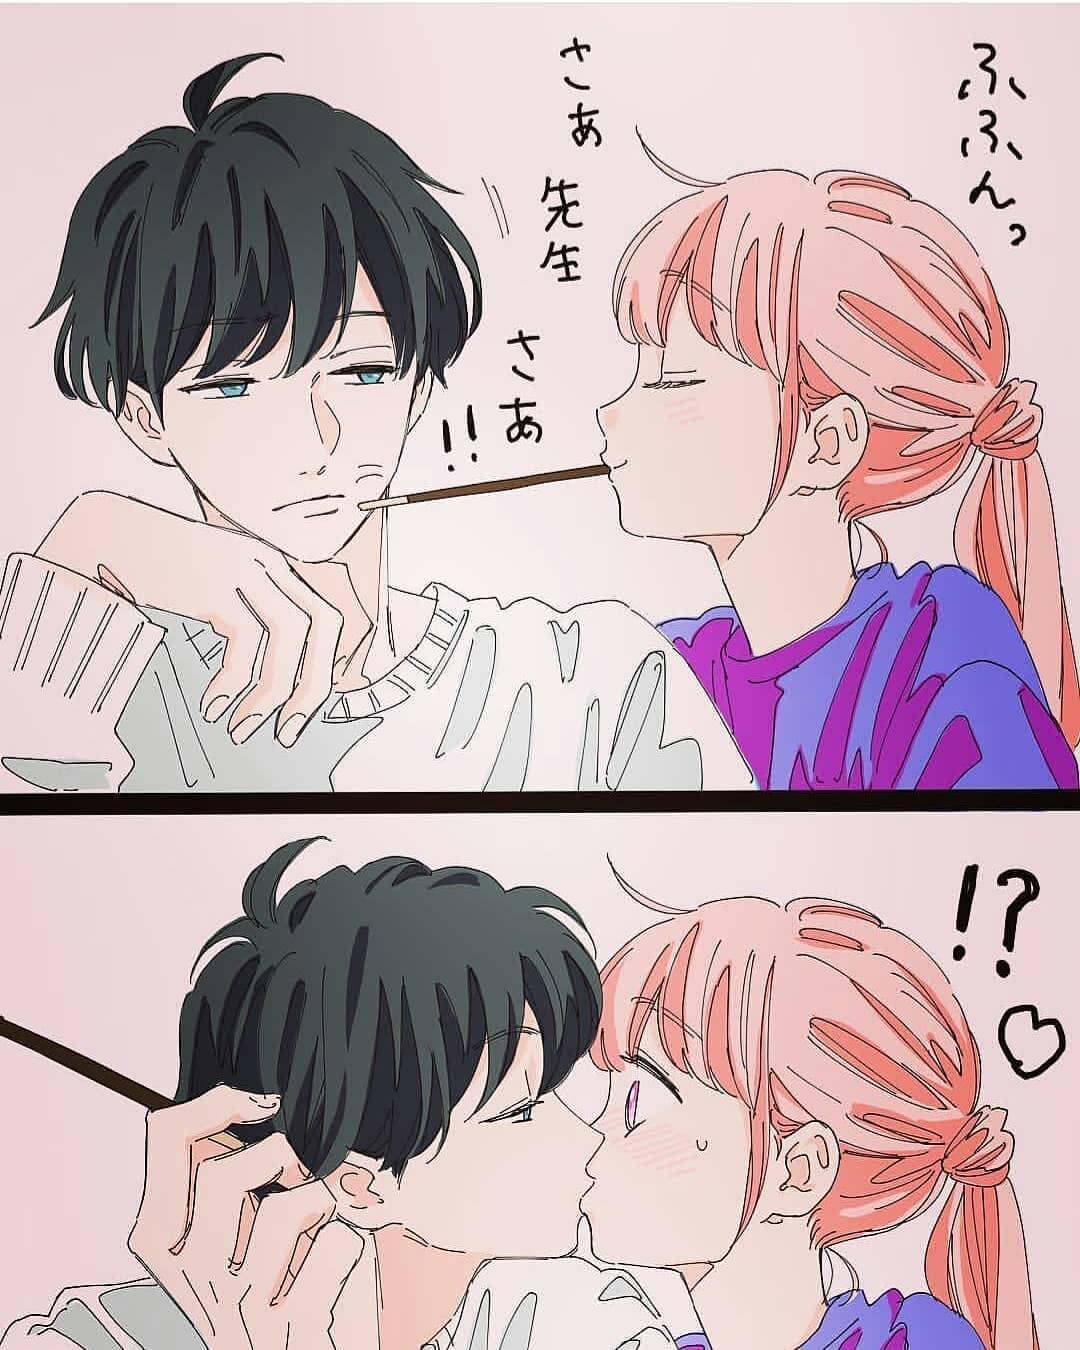 #art@anime_apa